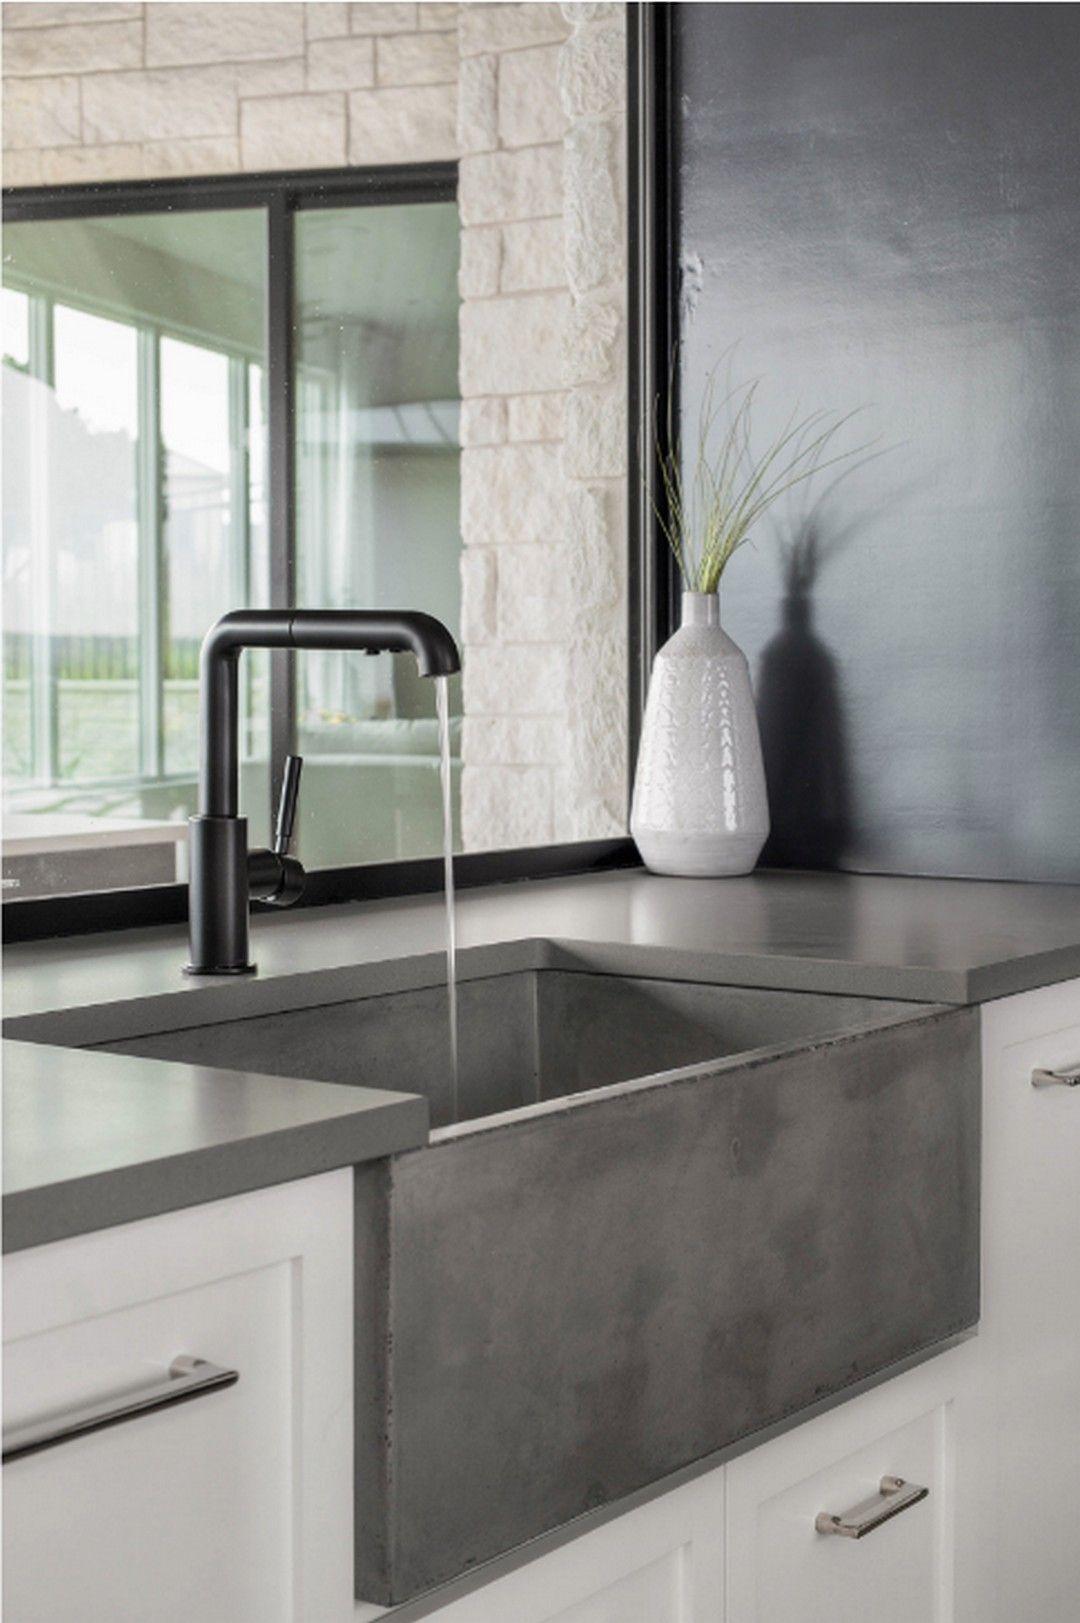 52 Farmhouse Sink Pros Cons Farmhouse Sink Sink Countertop